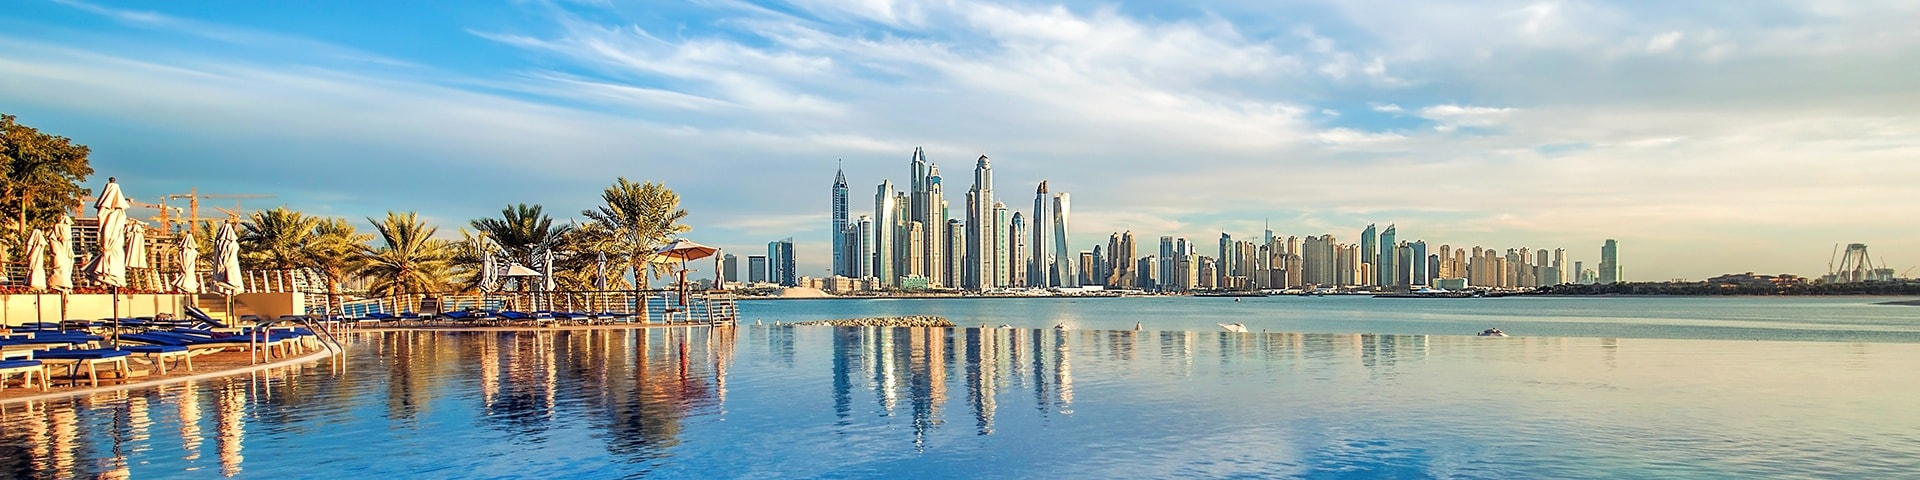 Panorama photo of the Dubai Marina skyline